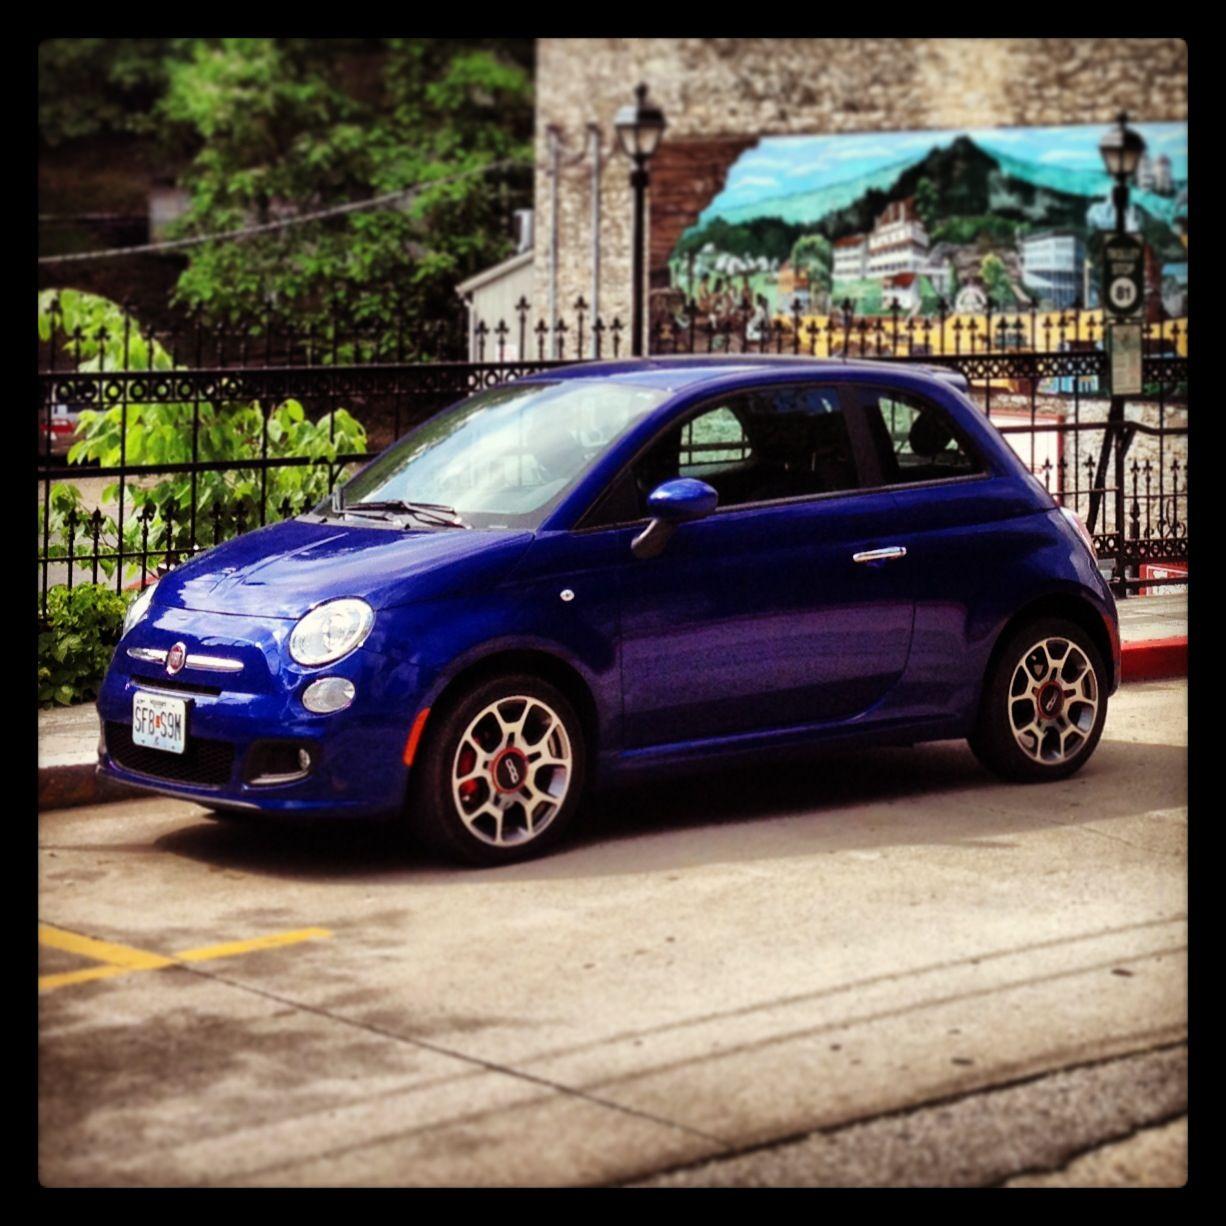 Too cute. Fiat 500 Sport Fiat 500, Fiat 500 sport, 2012